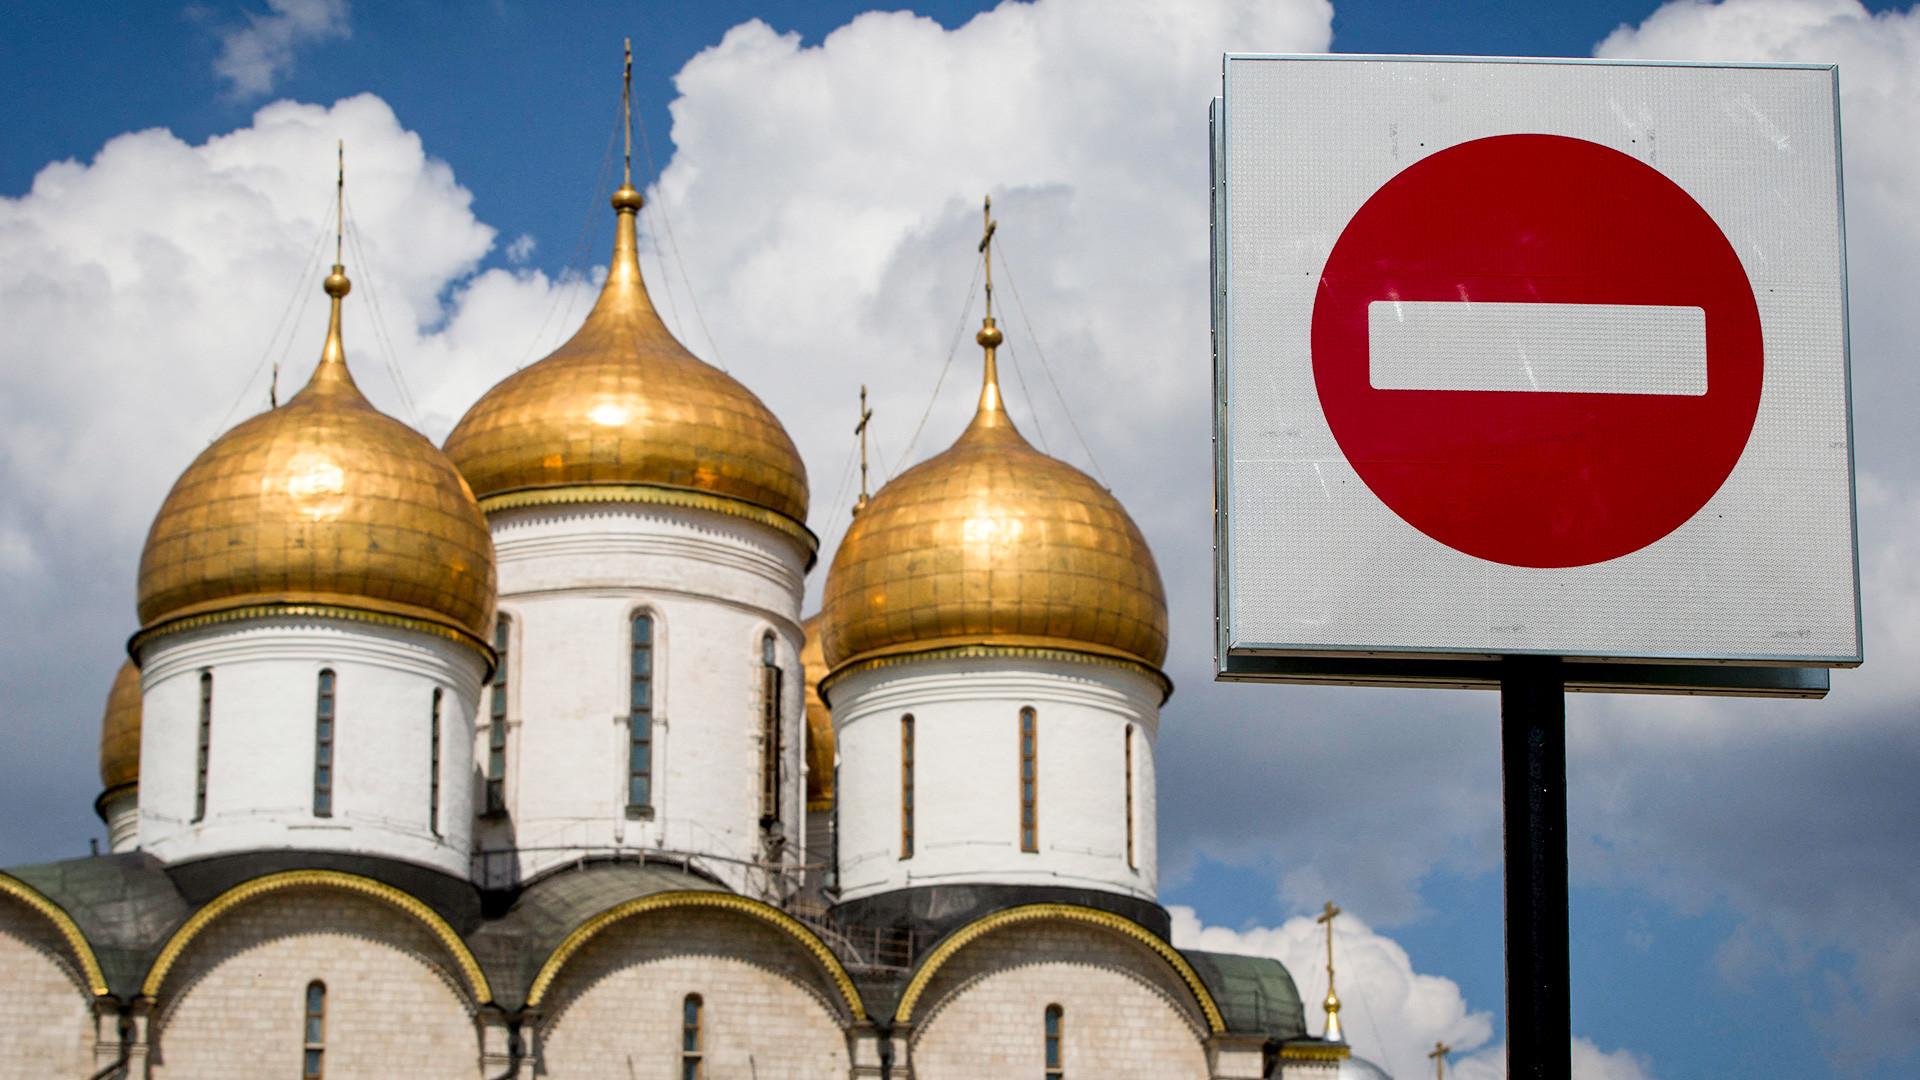 Cathédrale de la Dormition au Kremlin de Moscou